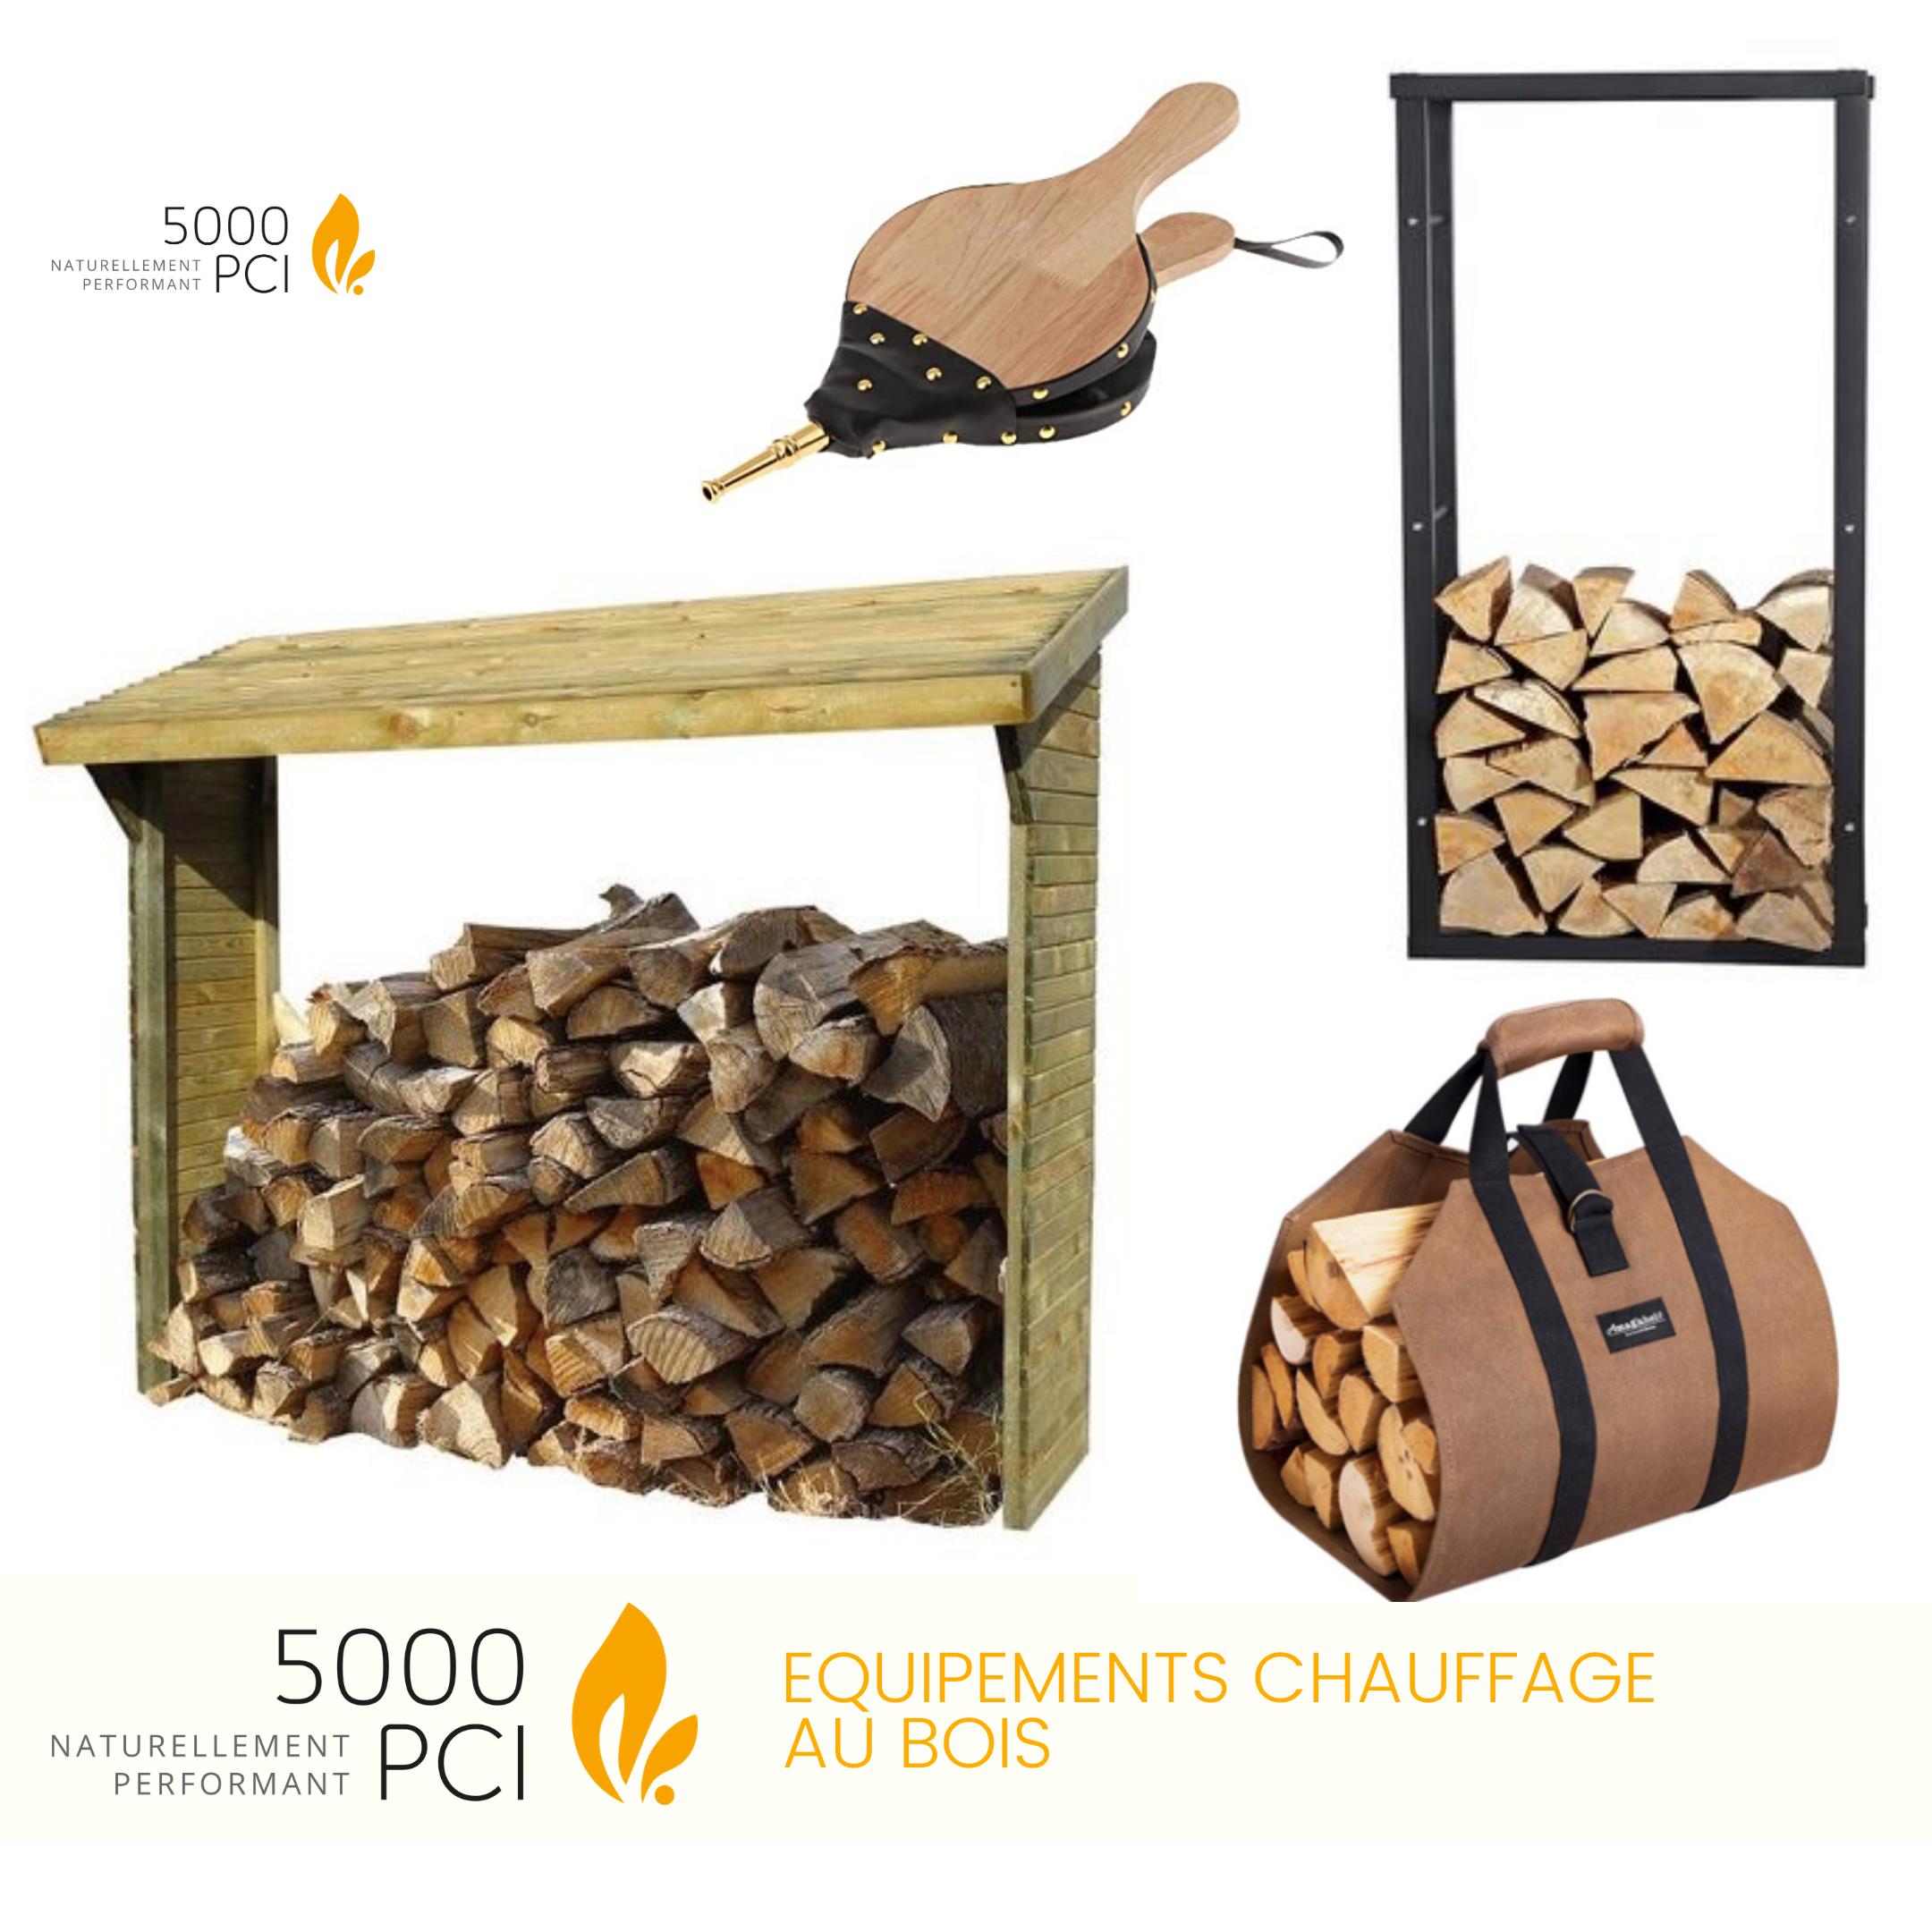 Accessoires, équipements, bois, chauffage